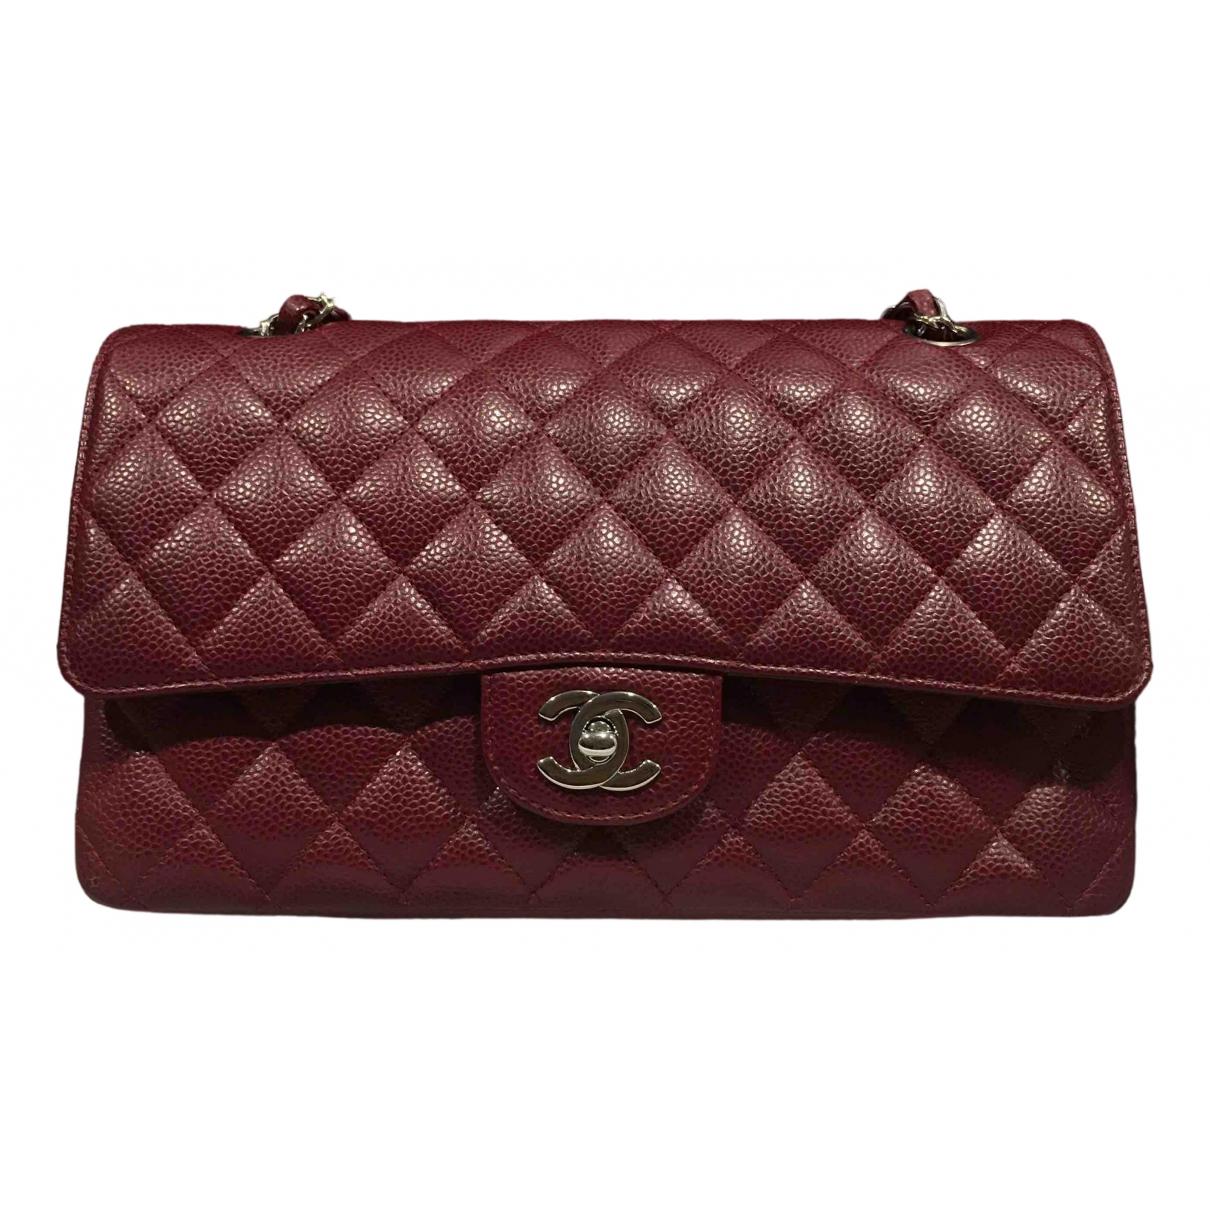 Chanel - Sac a main Timeless/Classique pour femme en cuir - bordeaux